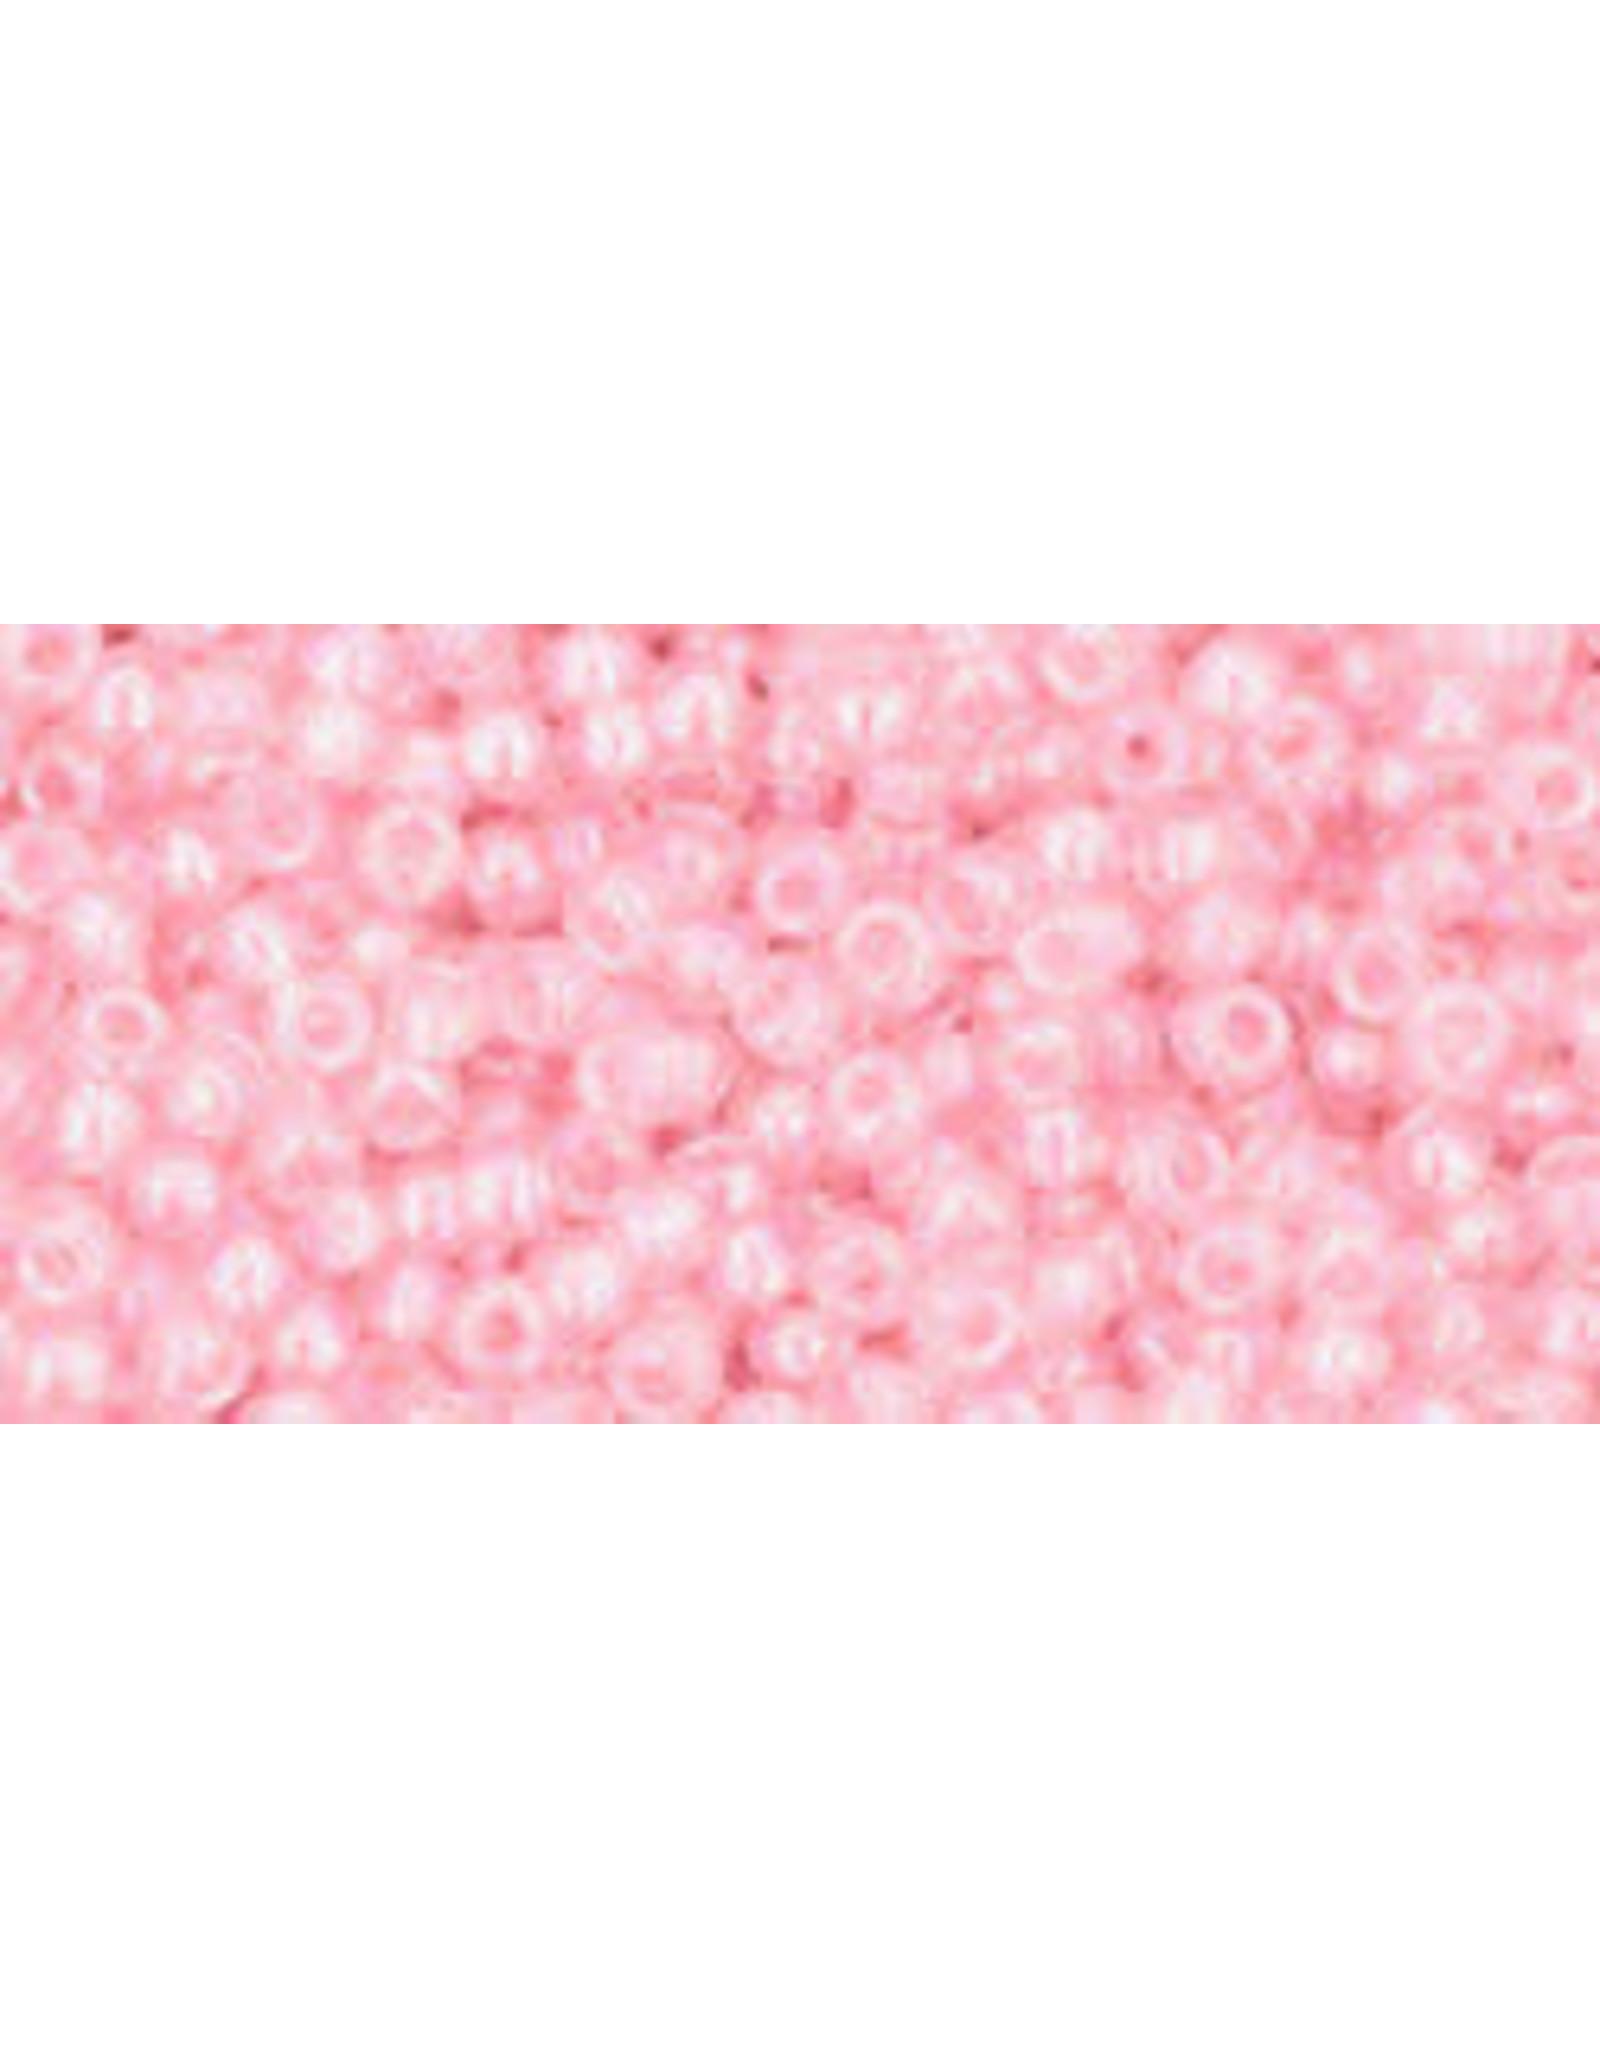 Toho 171 11 Toho Round 6g Ballerina Pink Dyed AB